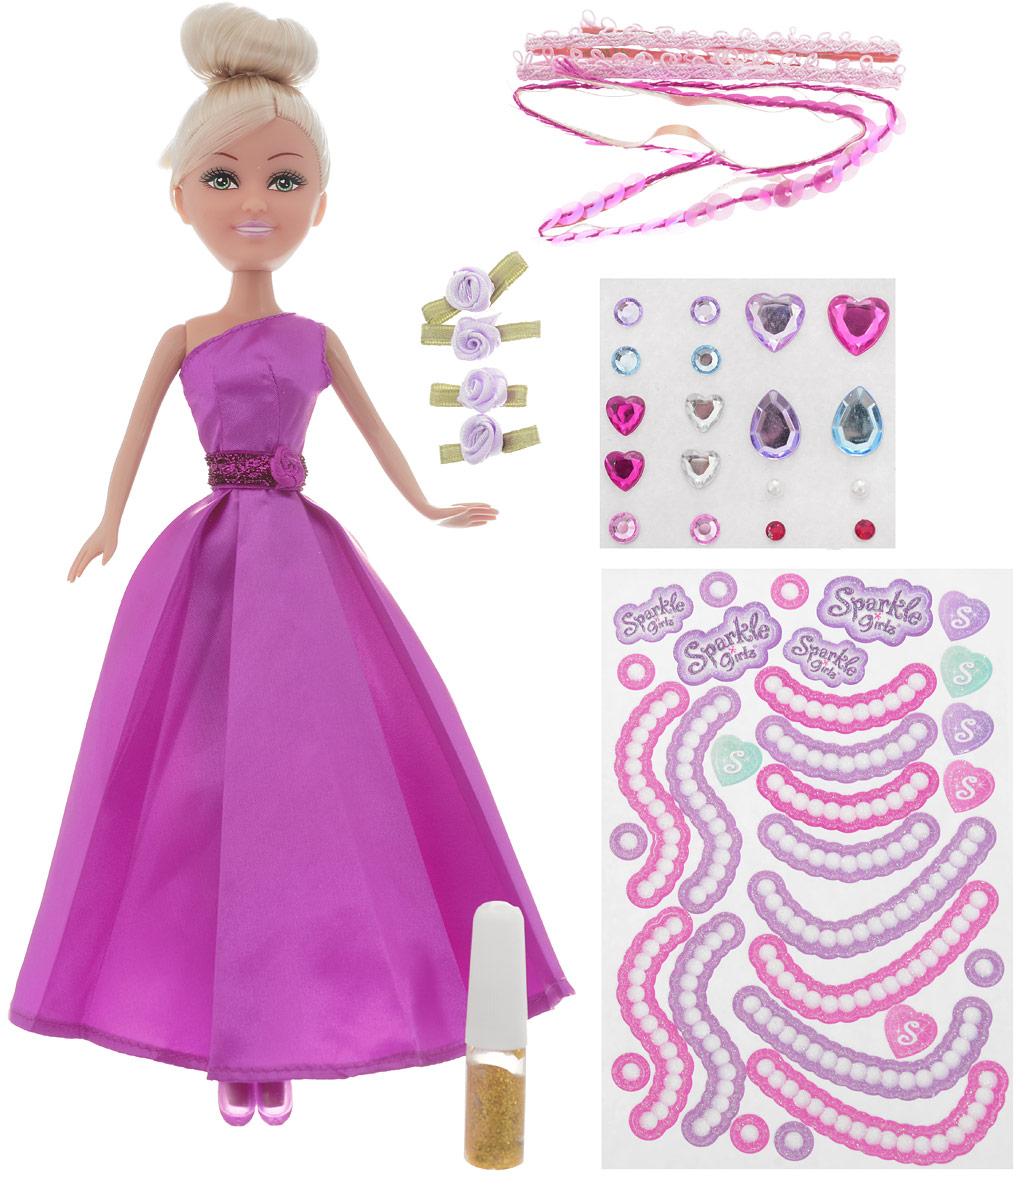 Funville Игровой набор с куклой Sparkle Girlz с аксессуарами для украшения платья цвет платья малиновый